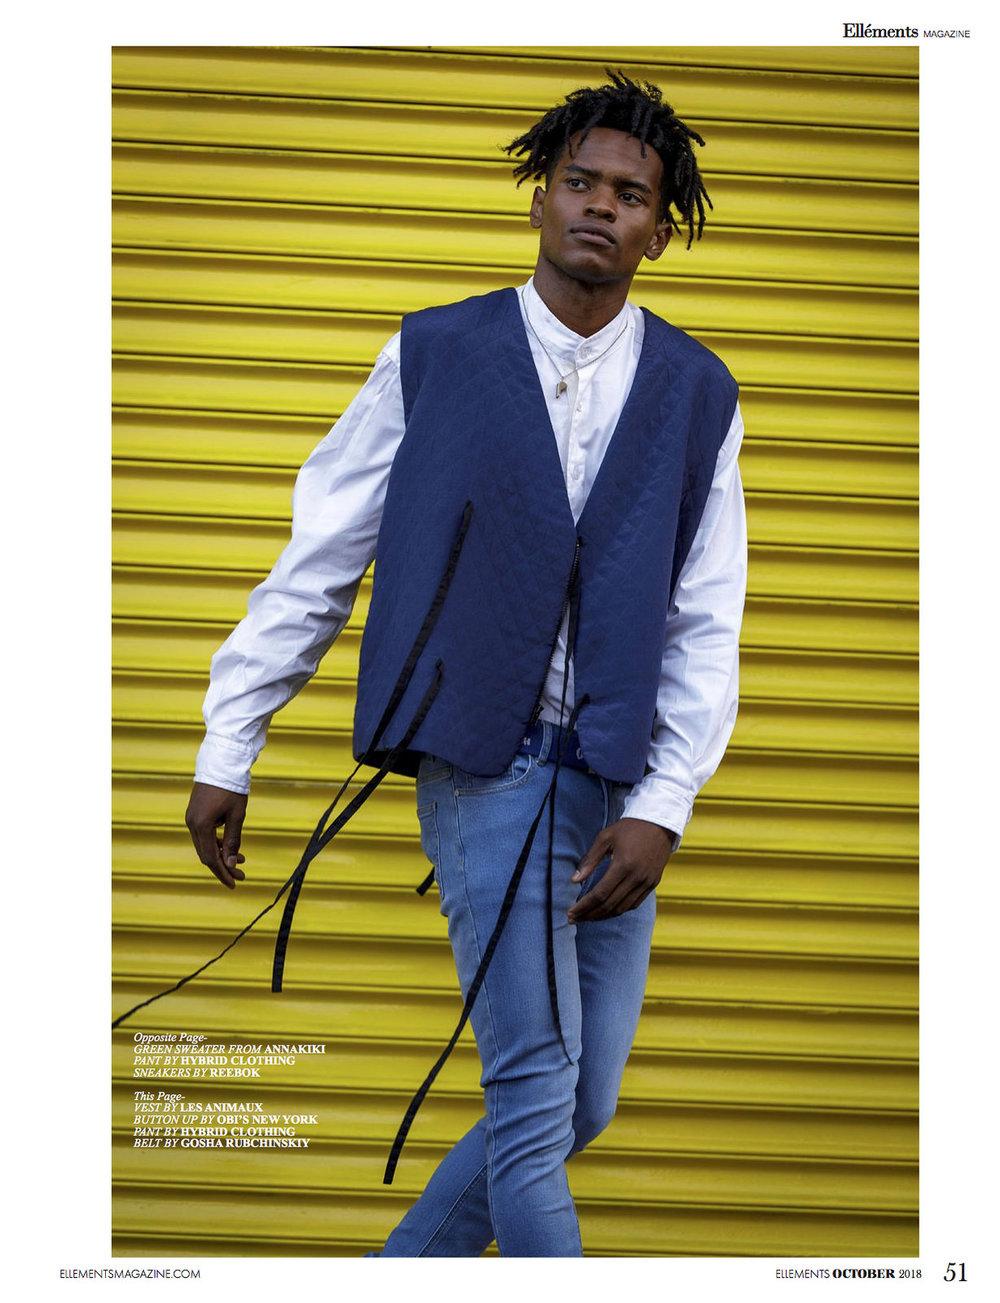 """Ellement Magazine: """"Deciduous Daze"""" (Grooming) Oct 2018"""